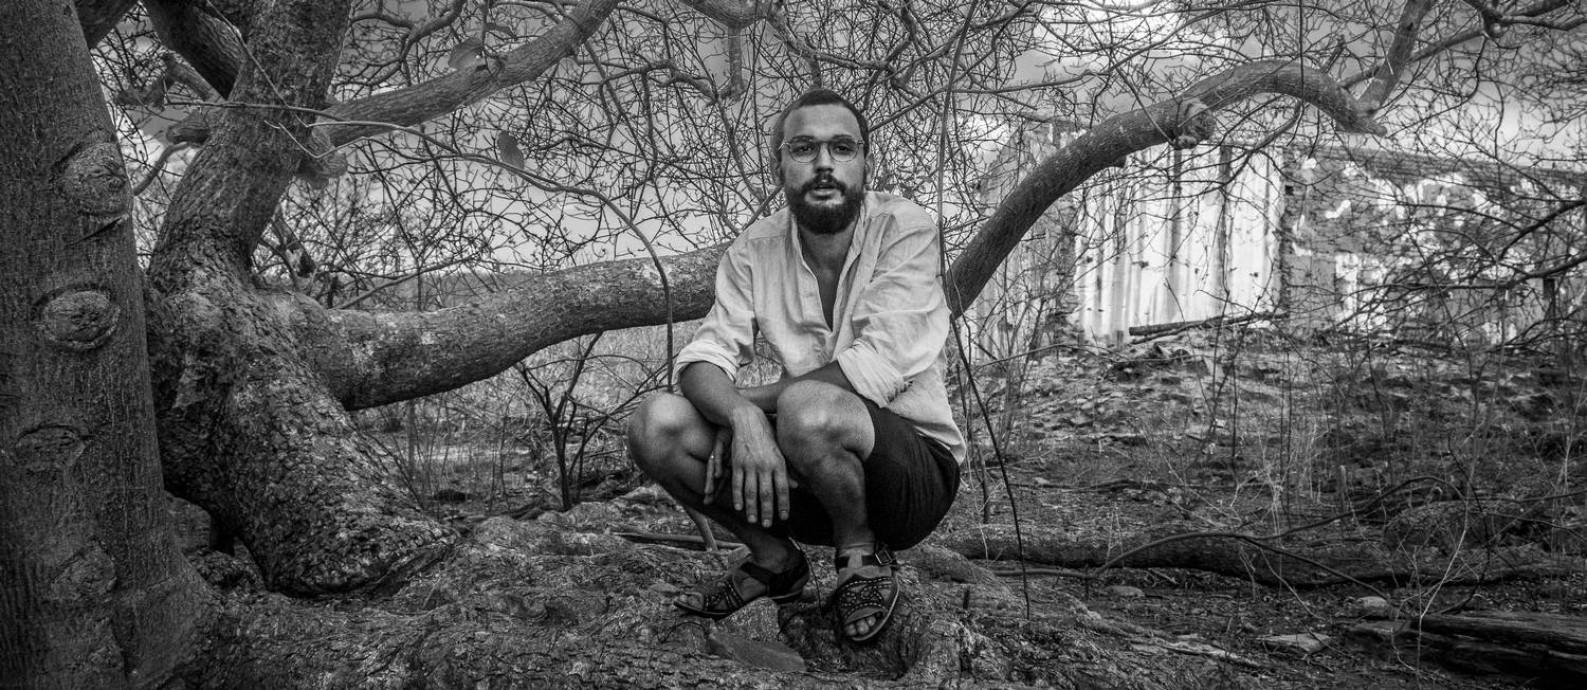 Antonio Marinho, um dos entrevistados do documentário